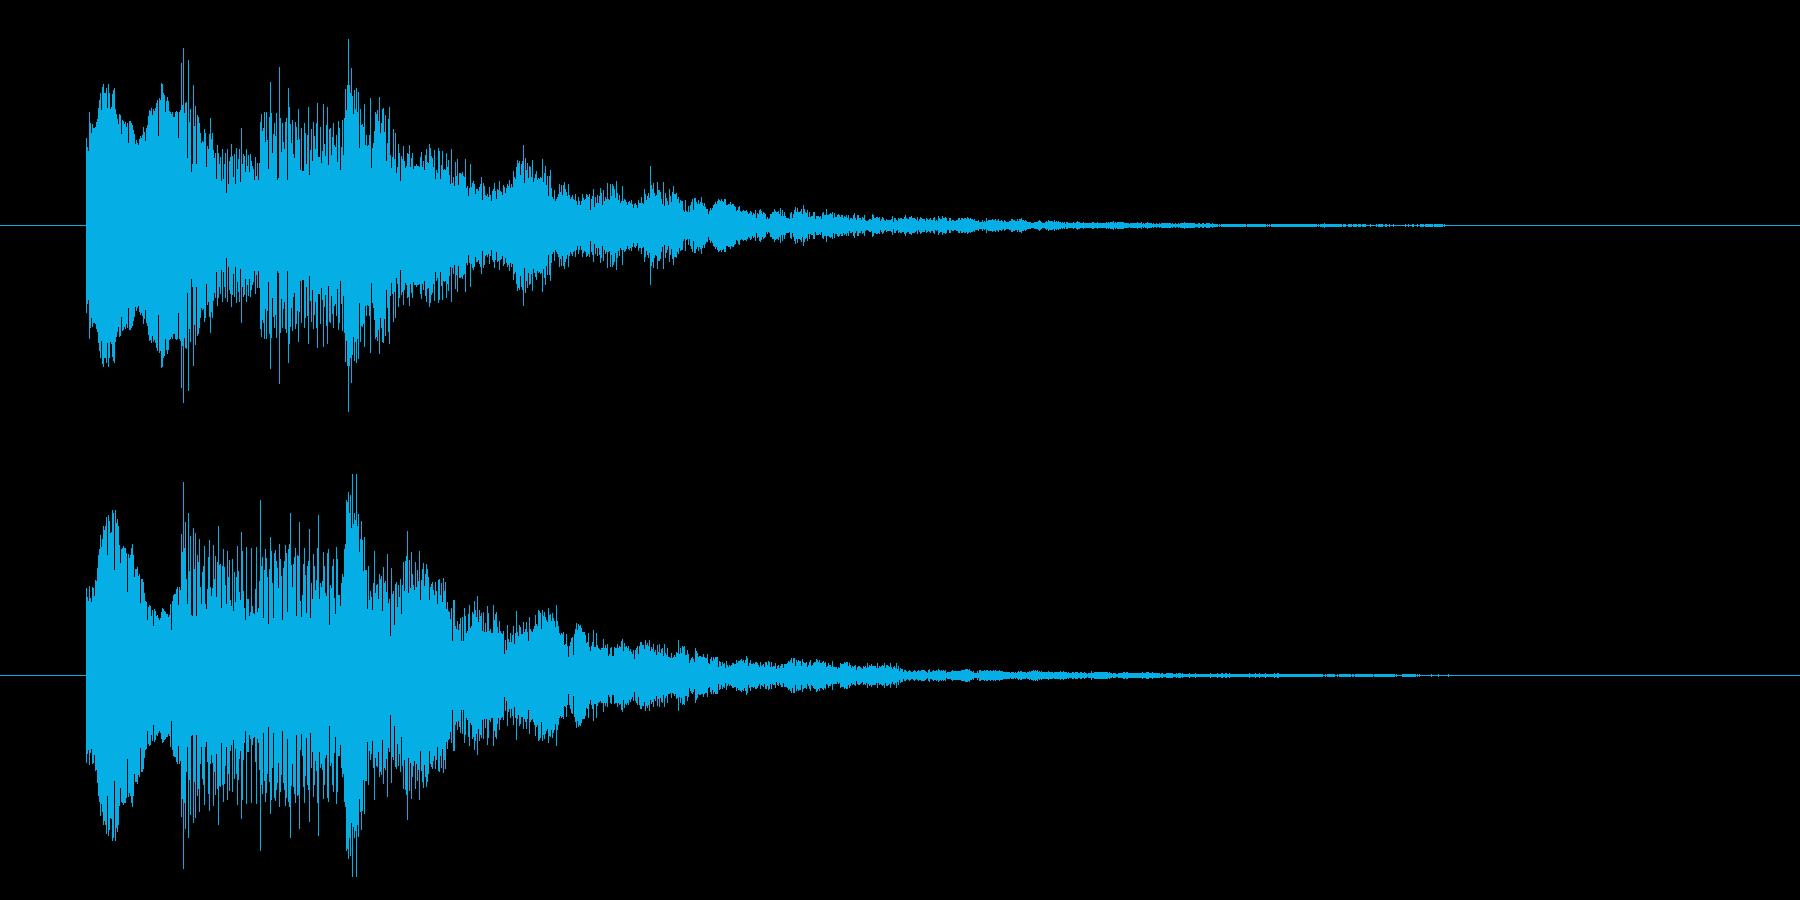 ニュースのテロップをイメージした音09の再生済みの波形